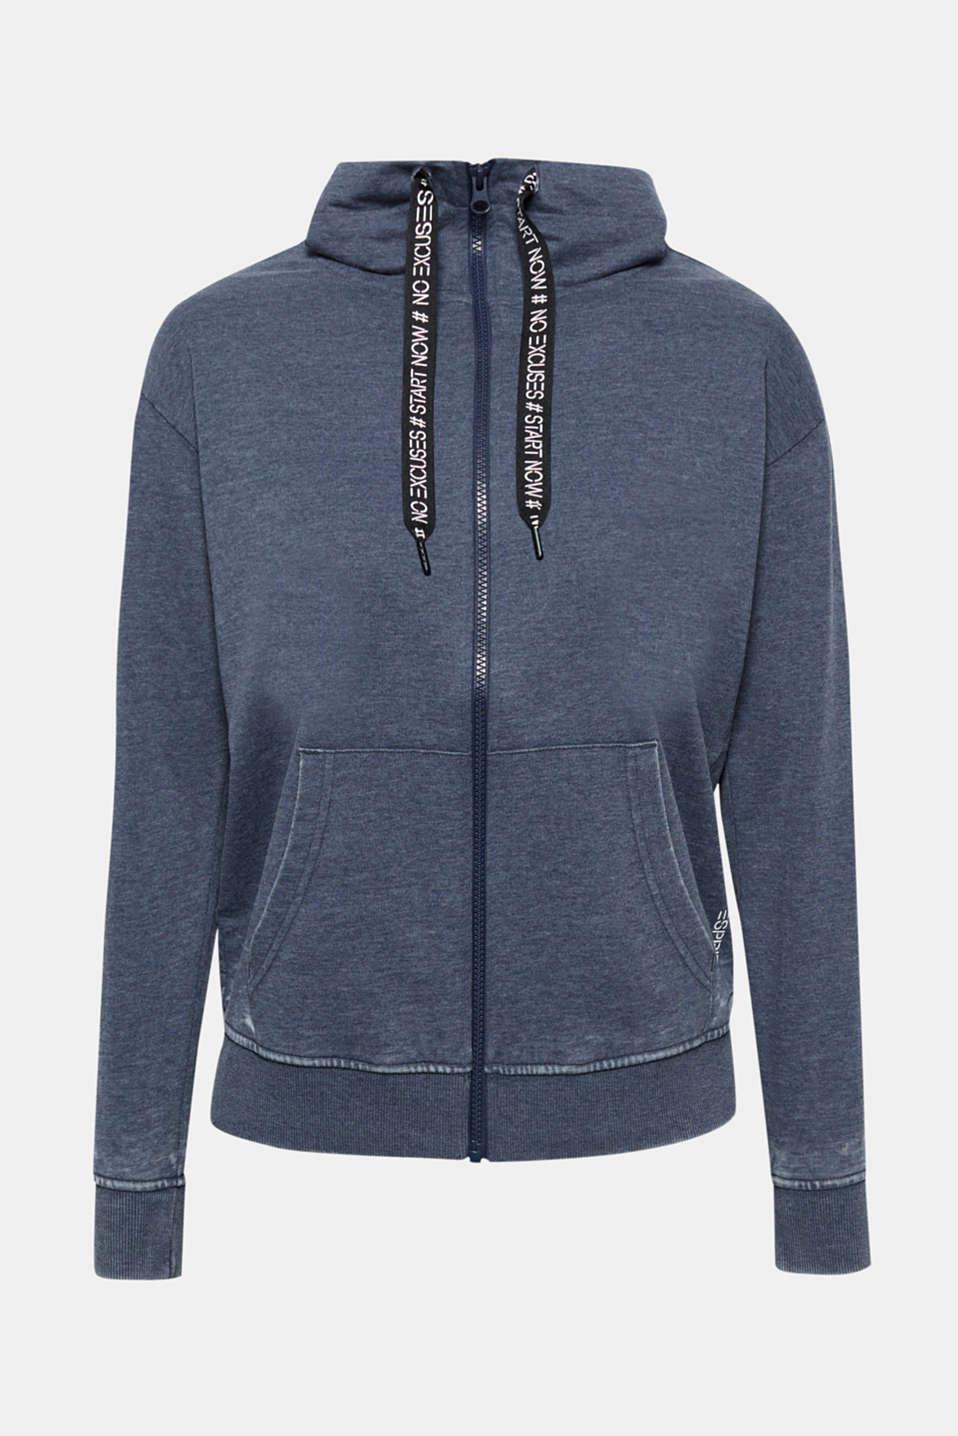 Sweatshirts cardigan, NAVY, detail image number 5